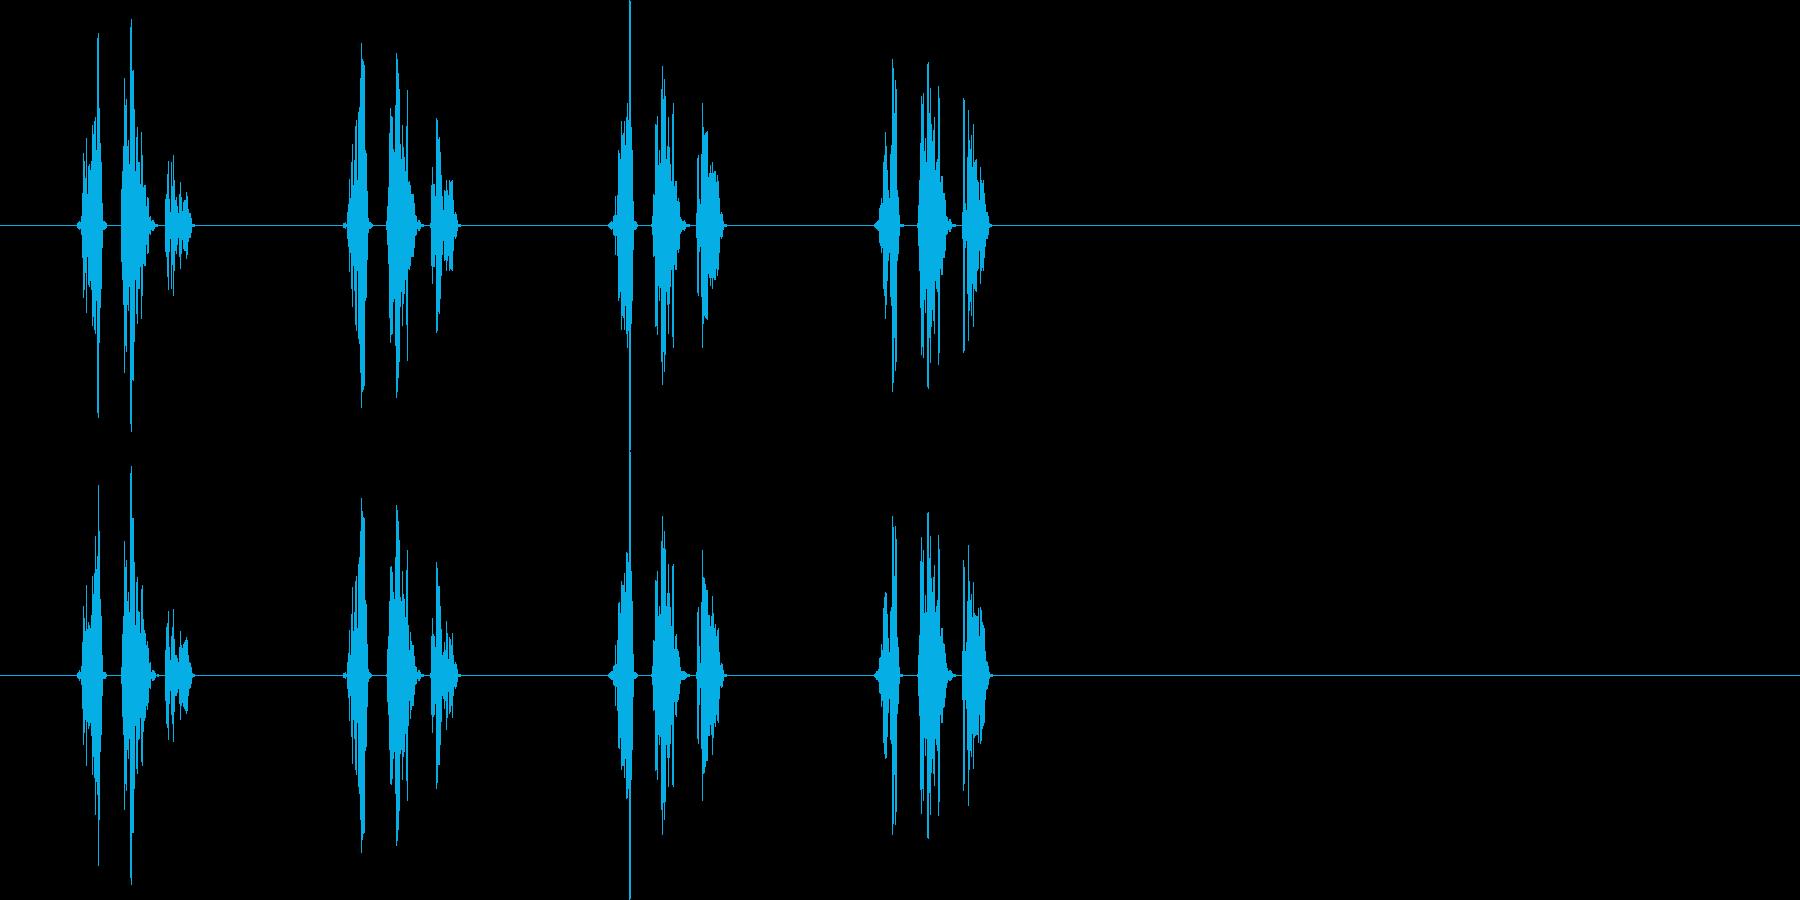 移動音(馬)の再生済みの波形